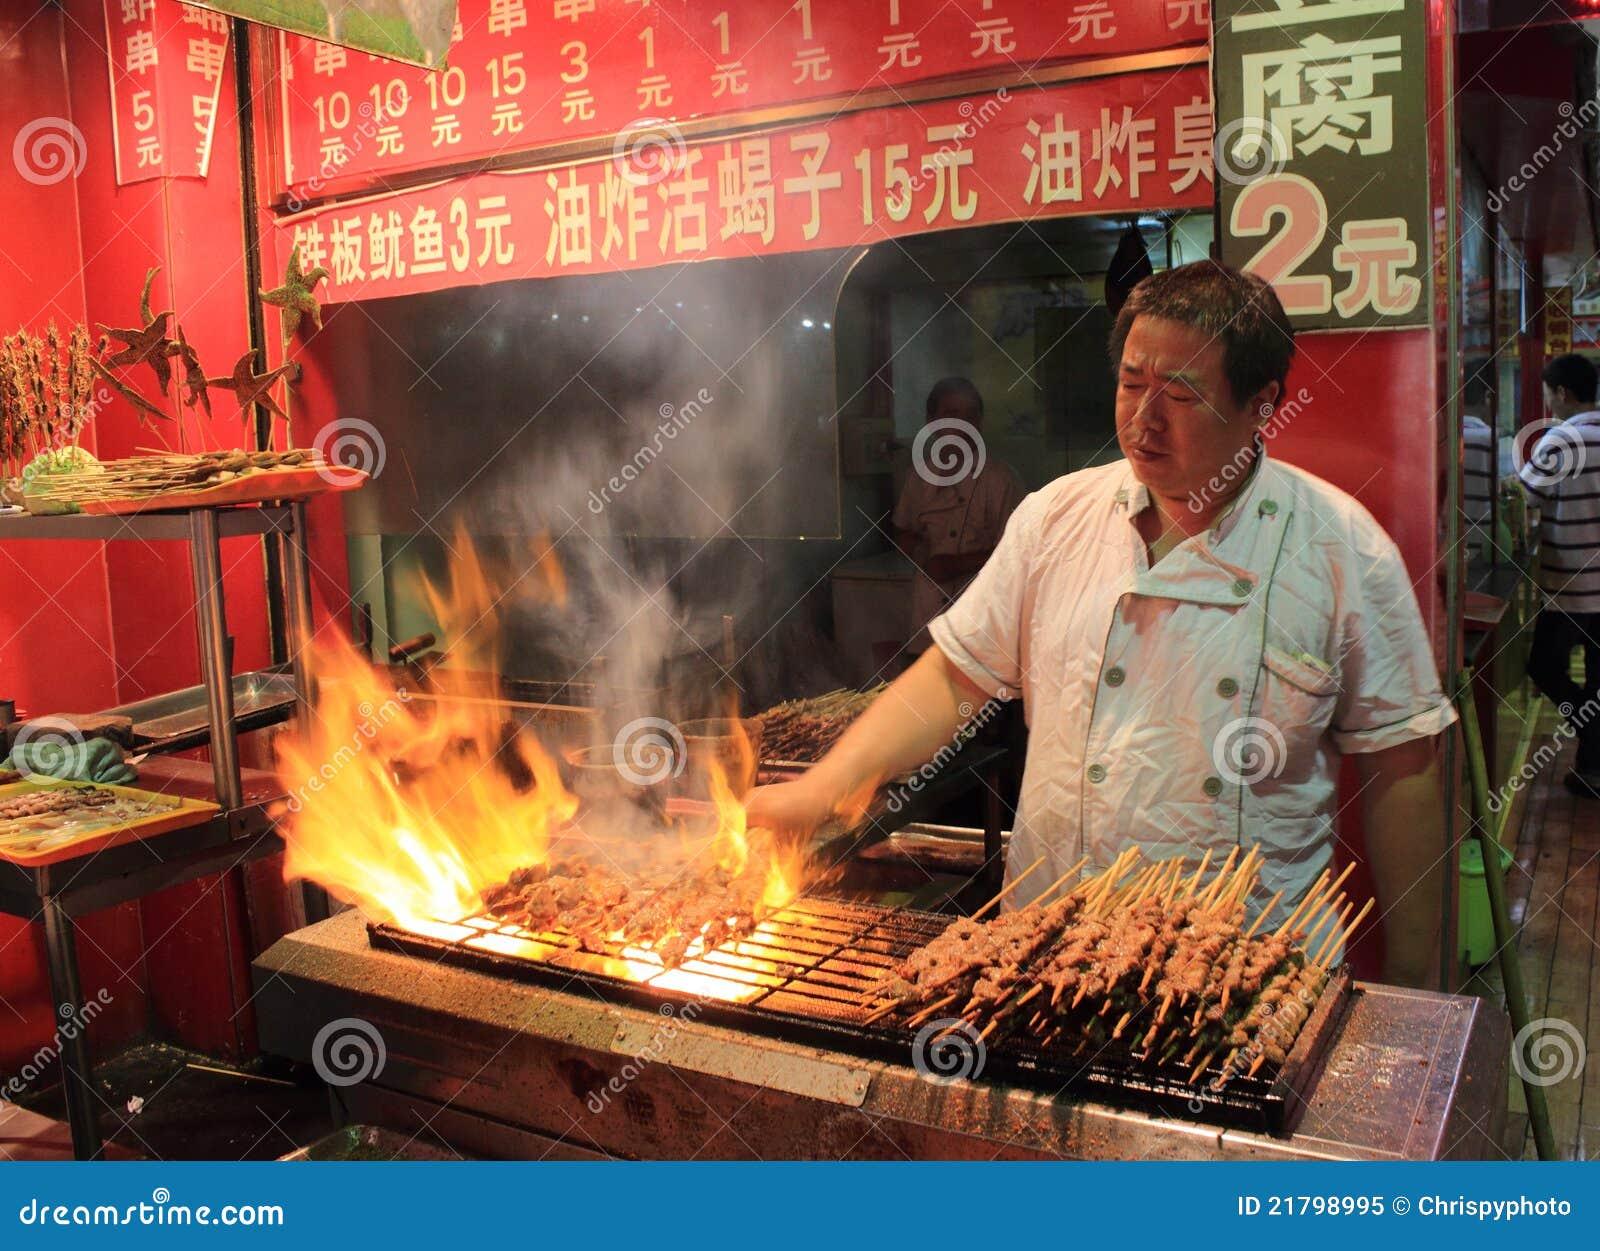 Viande grillée au marché de nourriture de nuit à Pékin